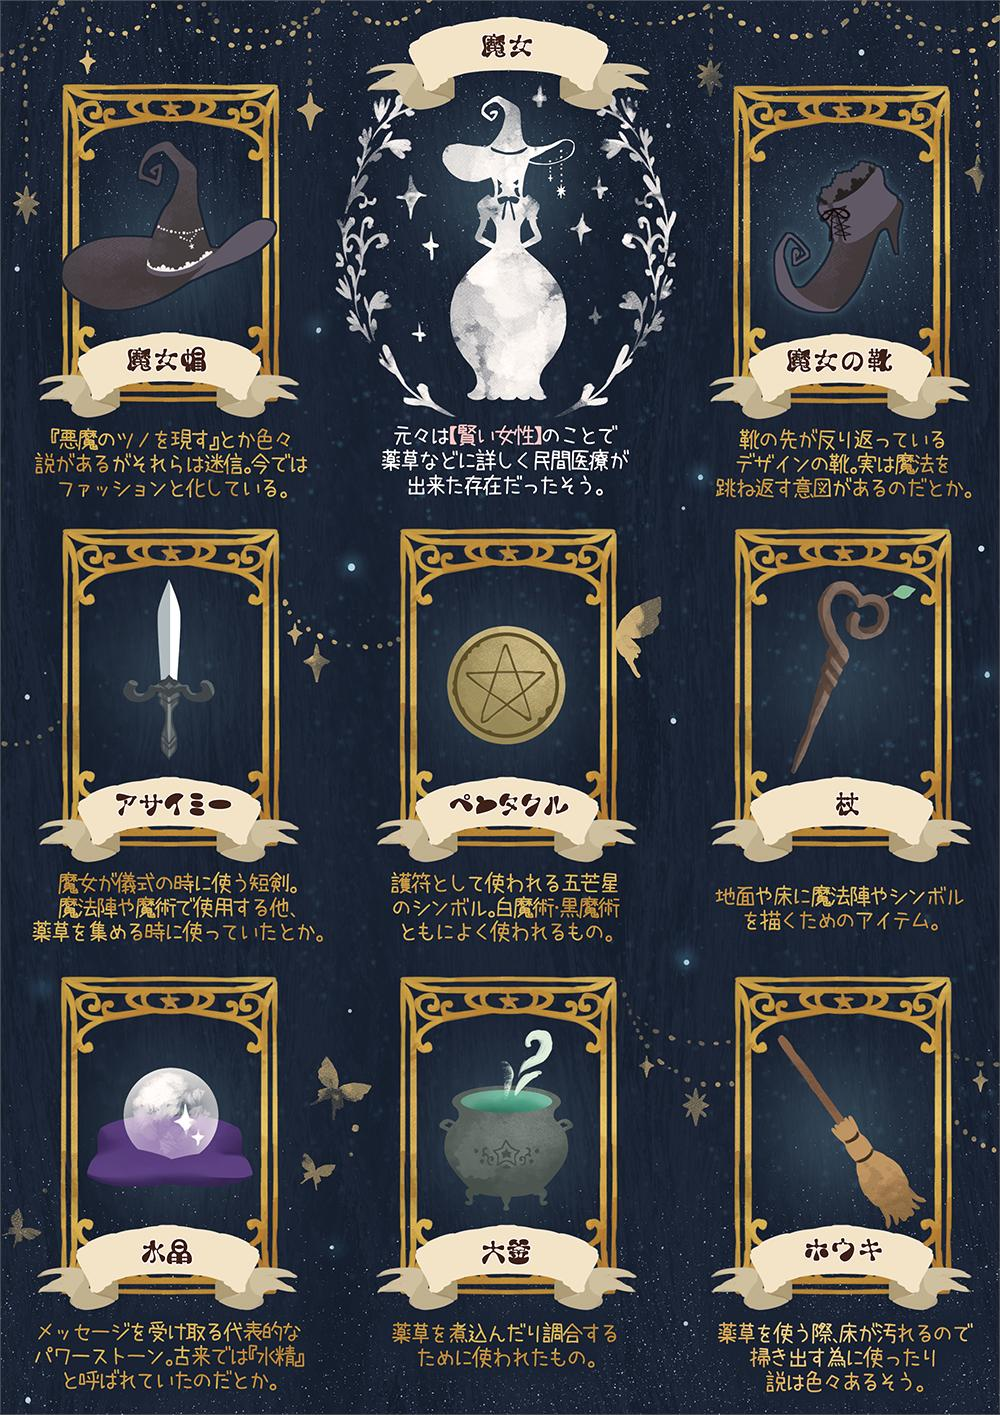 魔女の周囲によくある道具って何の役割があるのか少しだけ調べてみた。